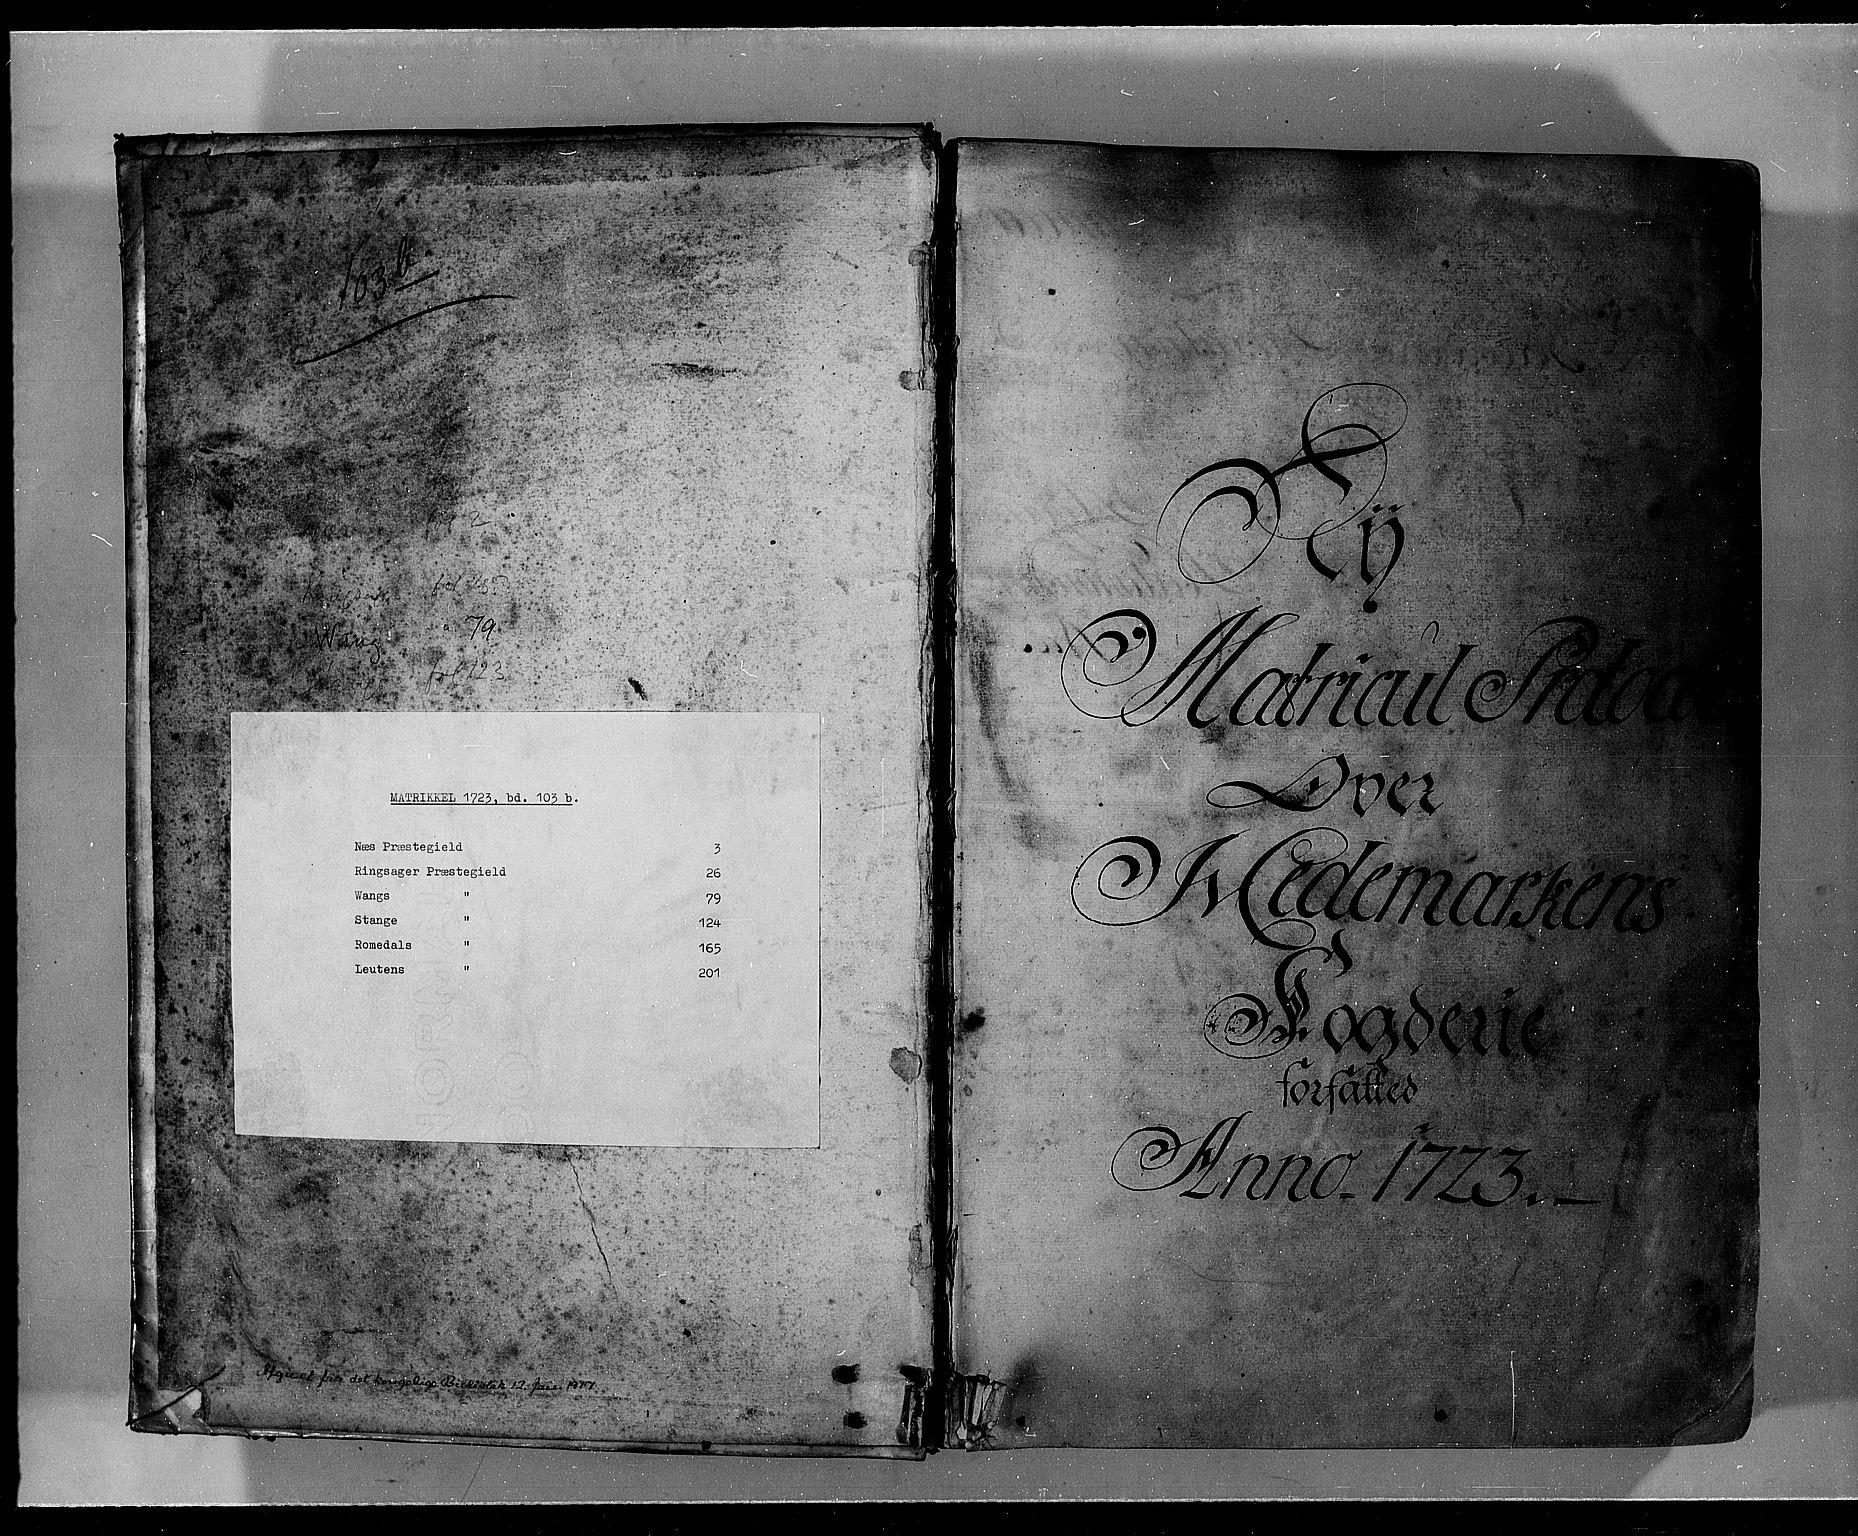 RA, Rentekammeret inntil 1814, Realistisk ordnet avdeling, Fb/L0008b: Ullerål allmenning, 1723, s. upaginert